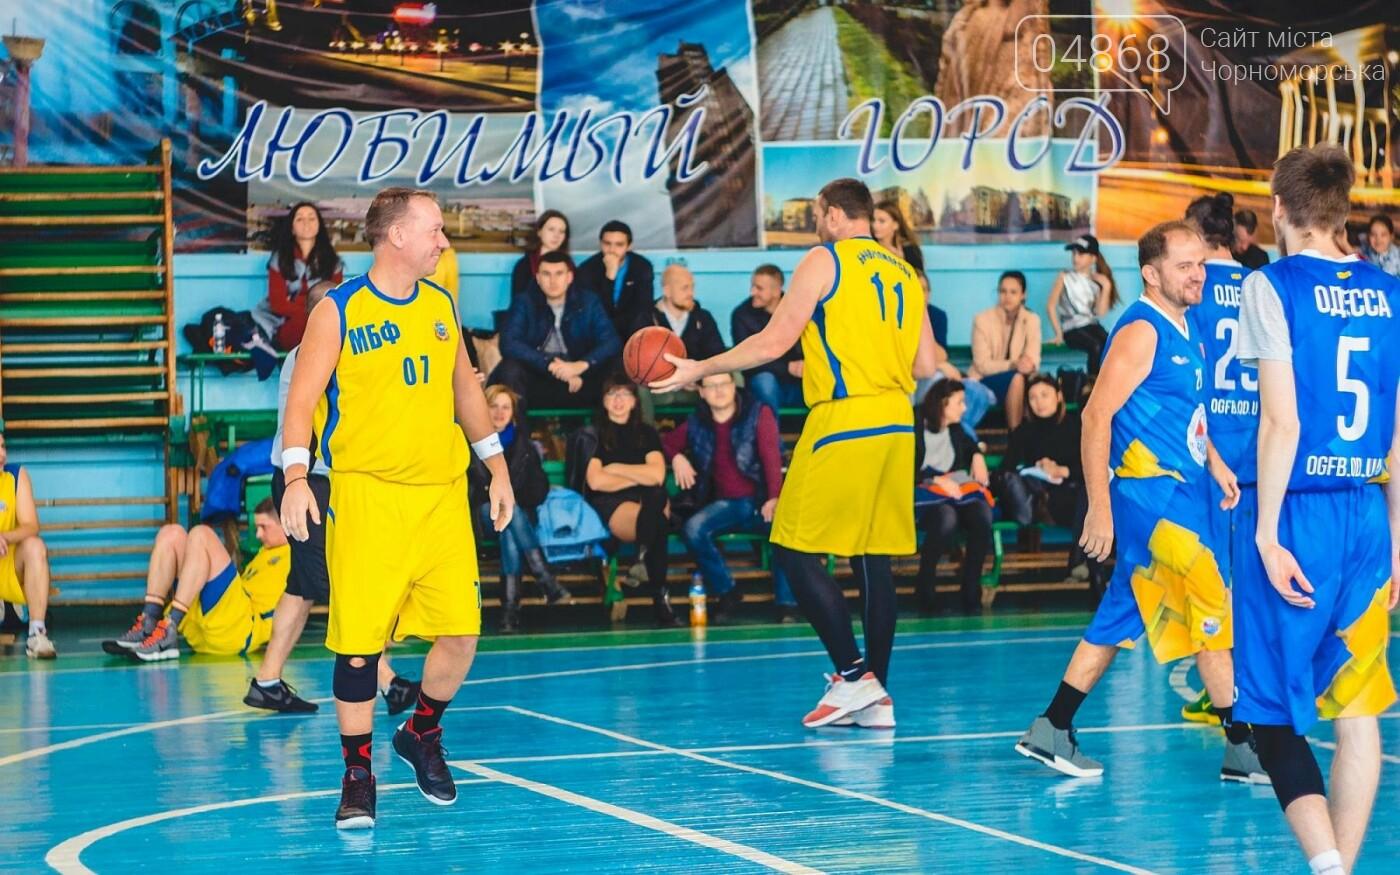 Чемпионат по баскетболу завершился победой команды Черноморска, фото-12